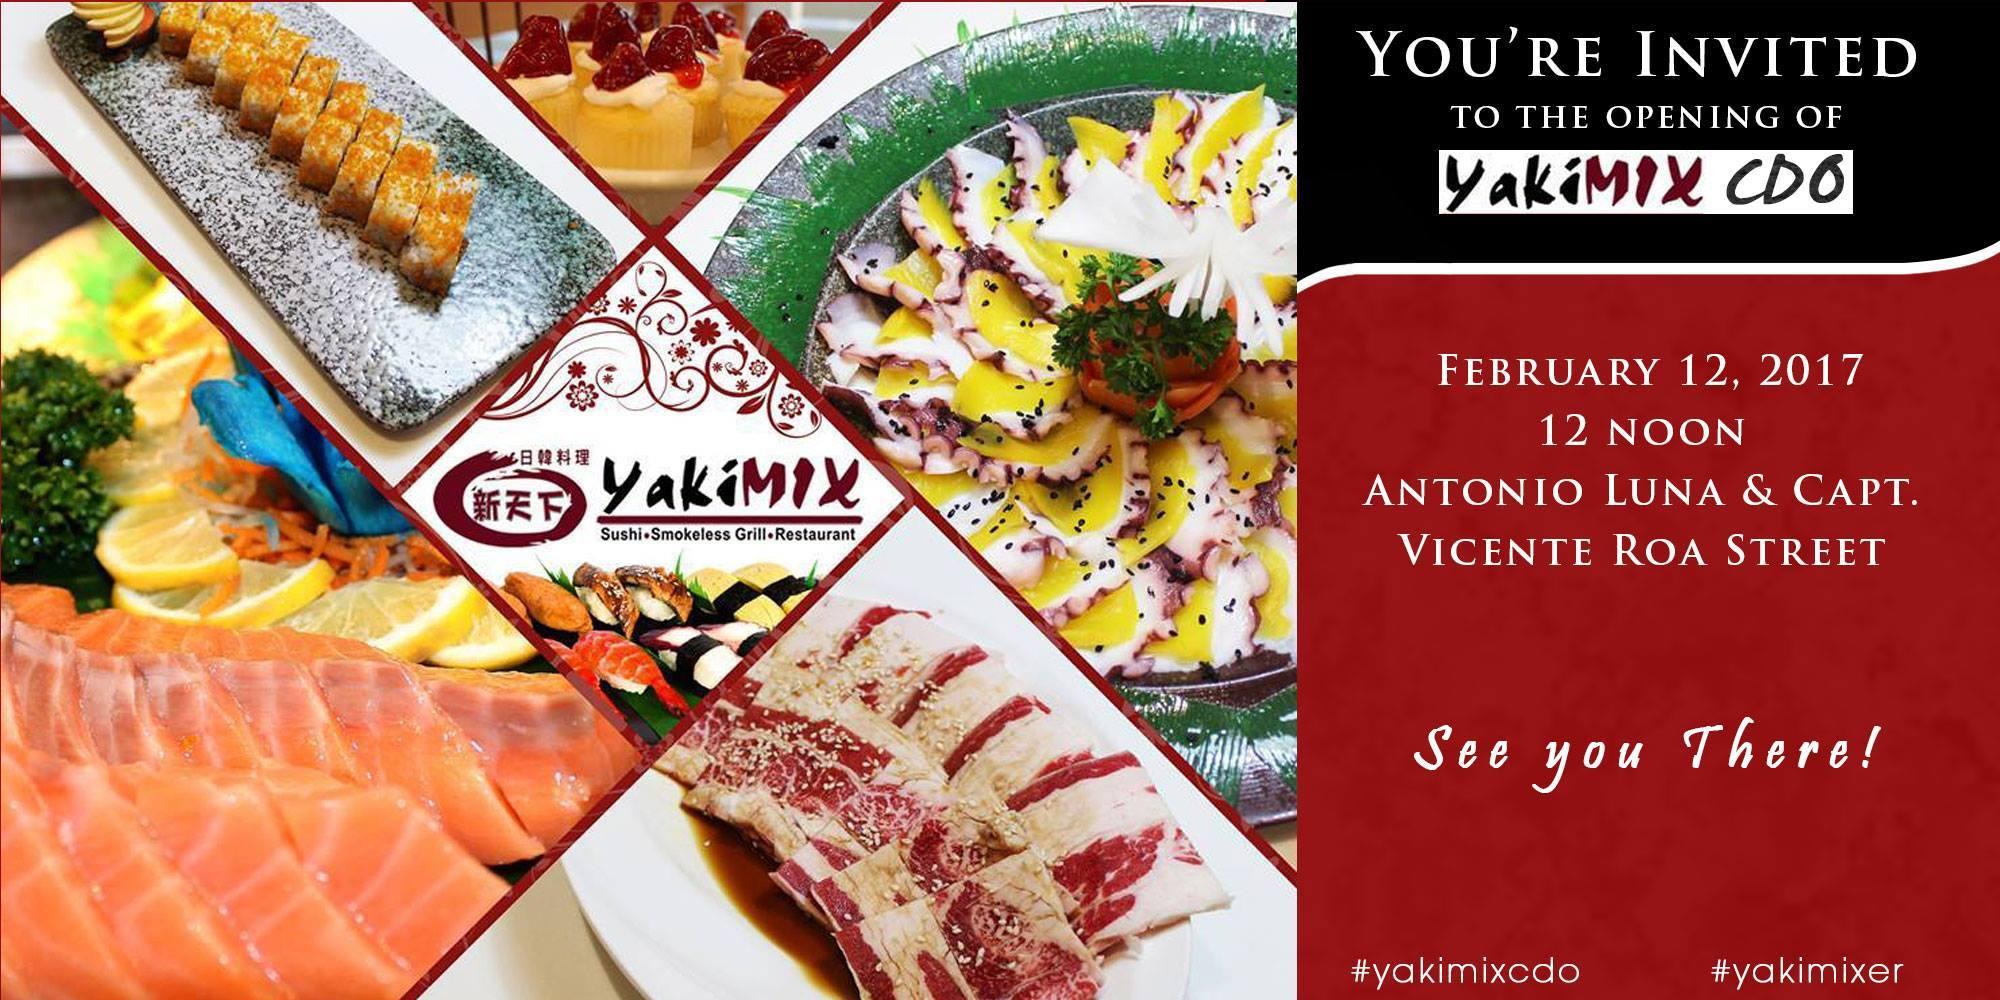 UPDATE: Yakimix CDO sushi and smokeless grill restaurant opening